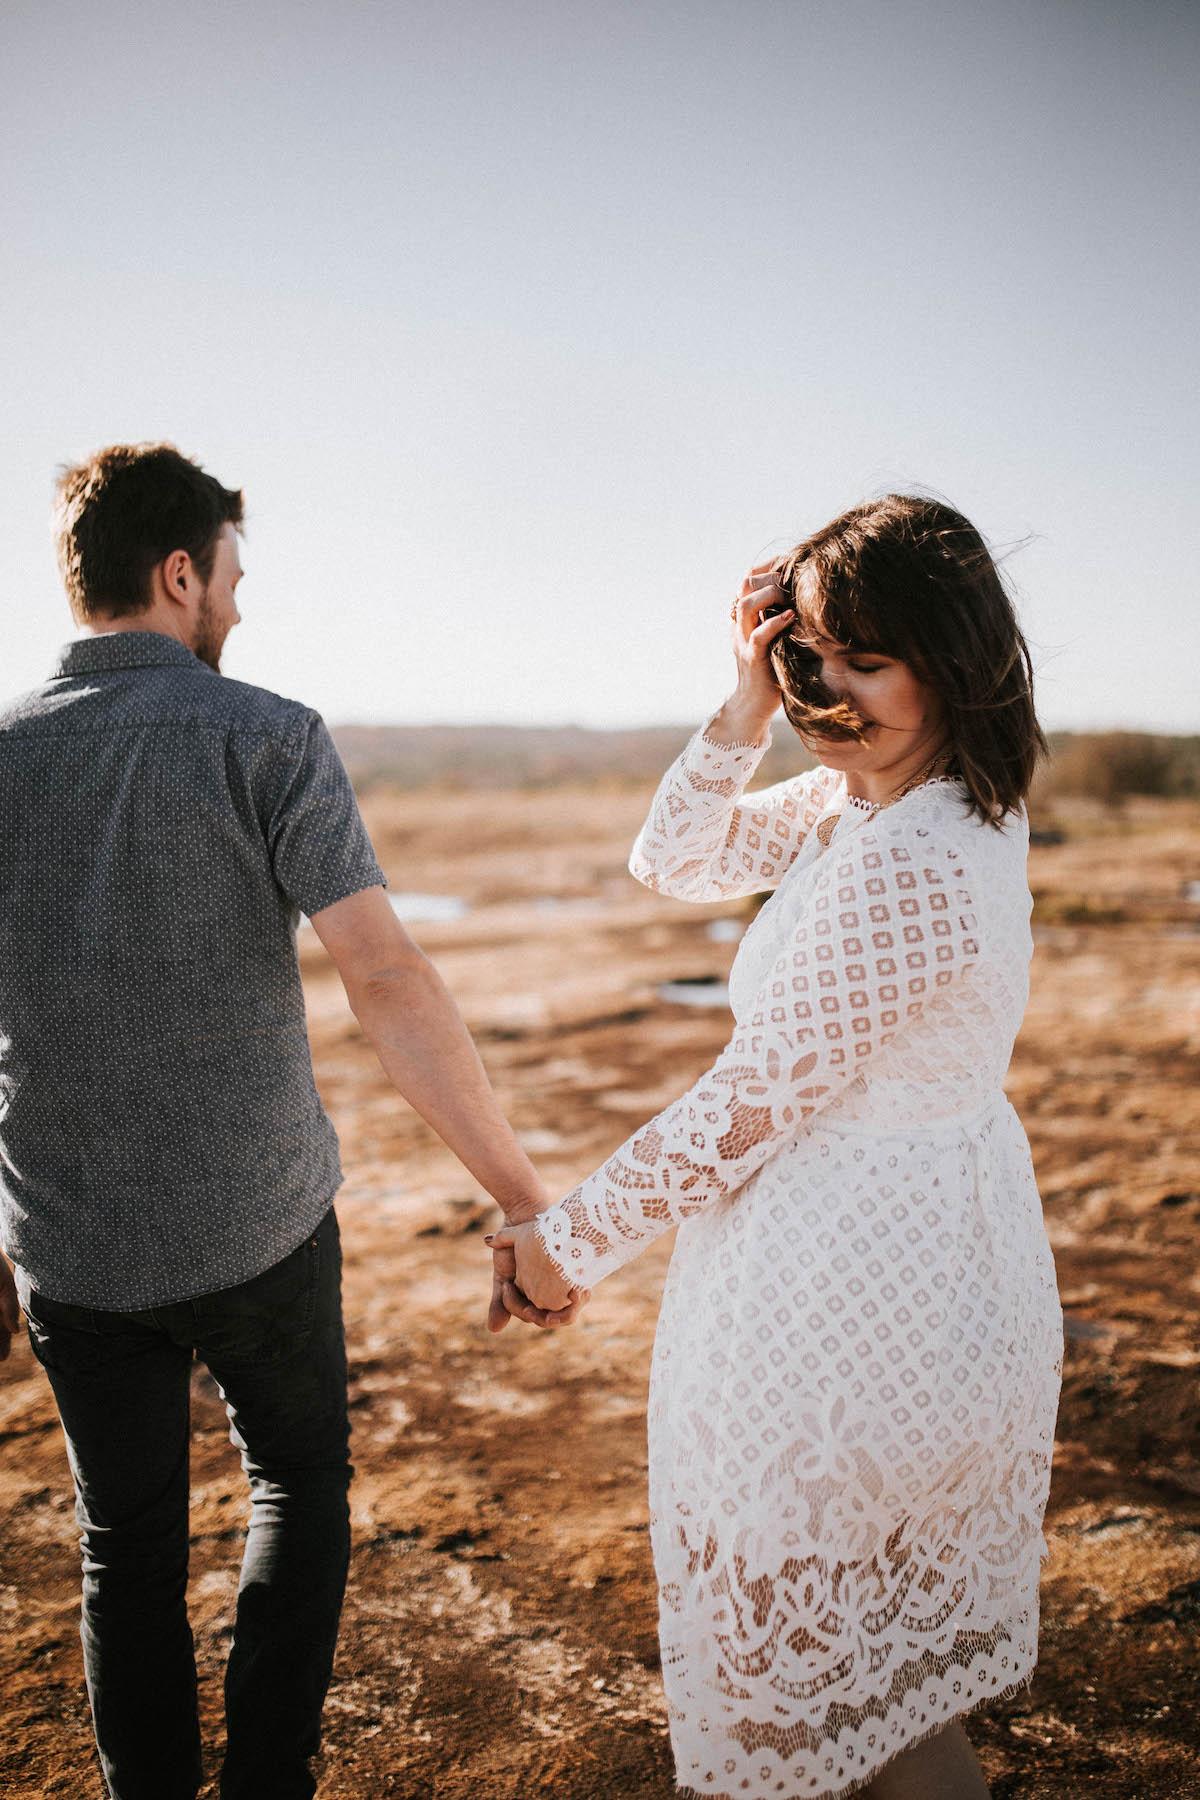 wedding dress ideas for outdoor elopement